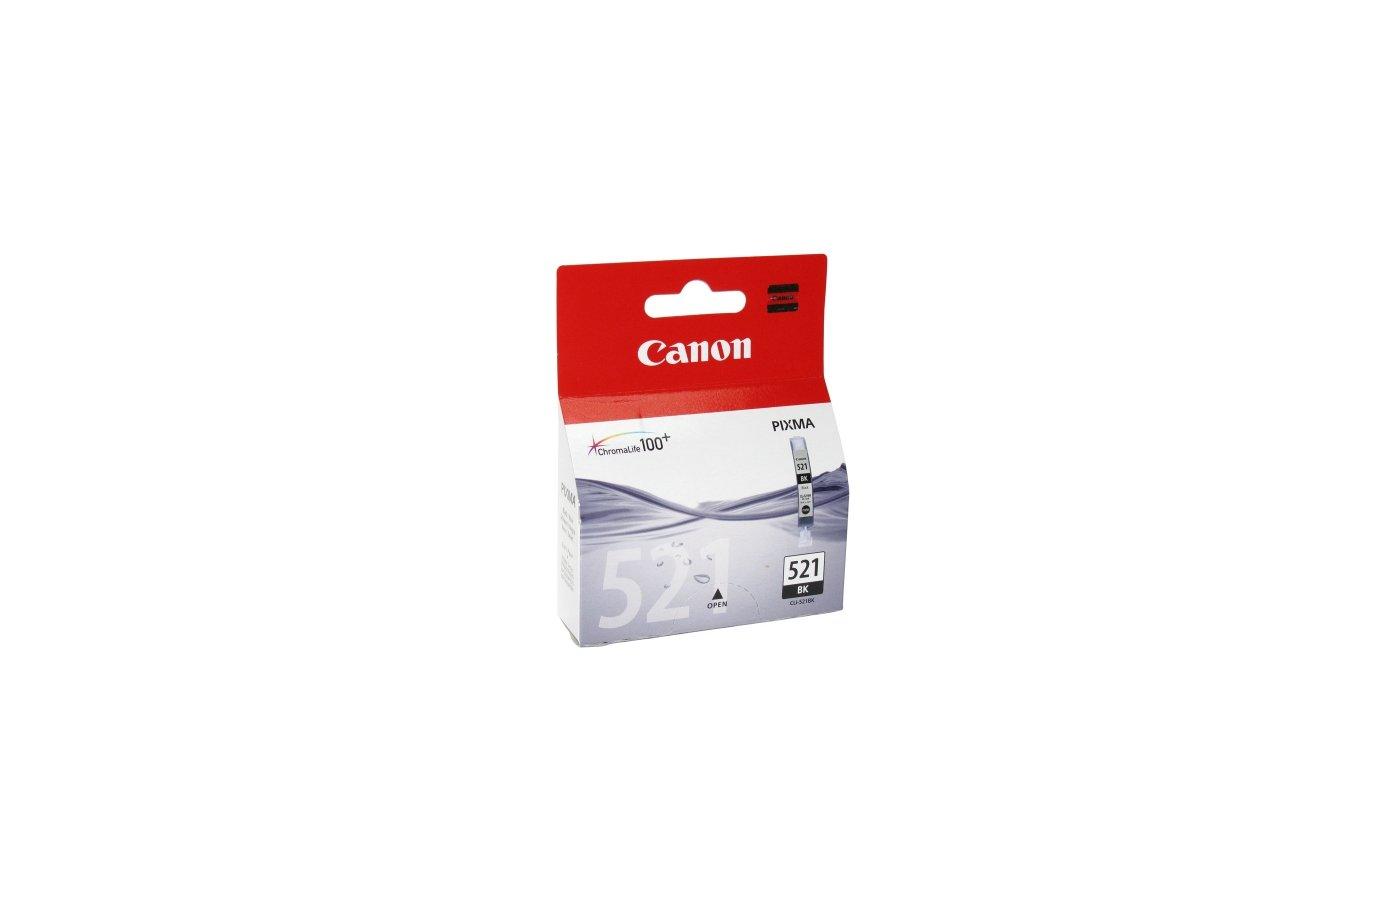 Картридж струйный GG NC-CLI-521BK Совместимый струйный Canon PixmaMP540/550/560/620/630/640/980/990 MX860/870 IP3600/4